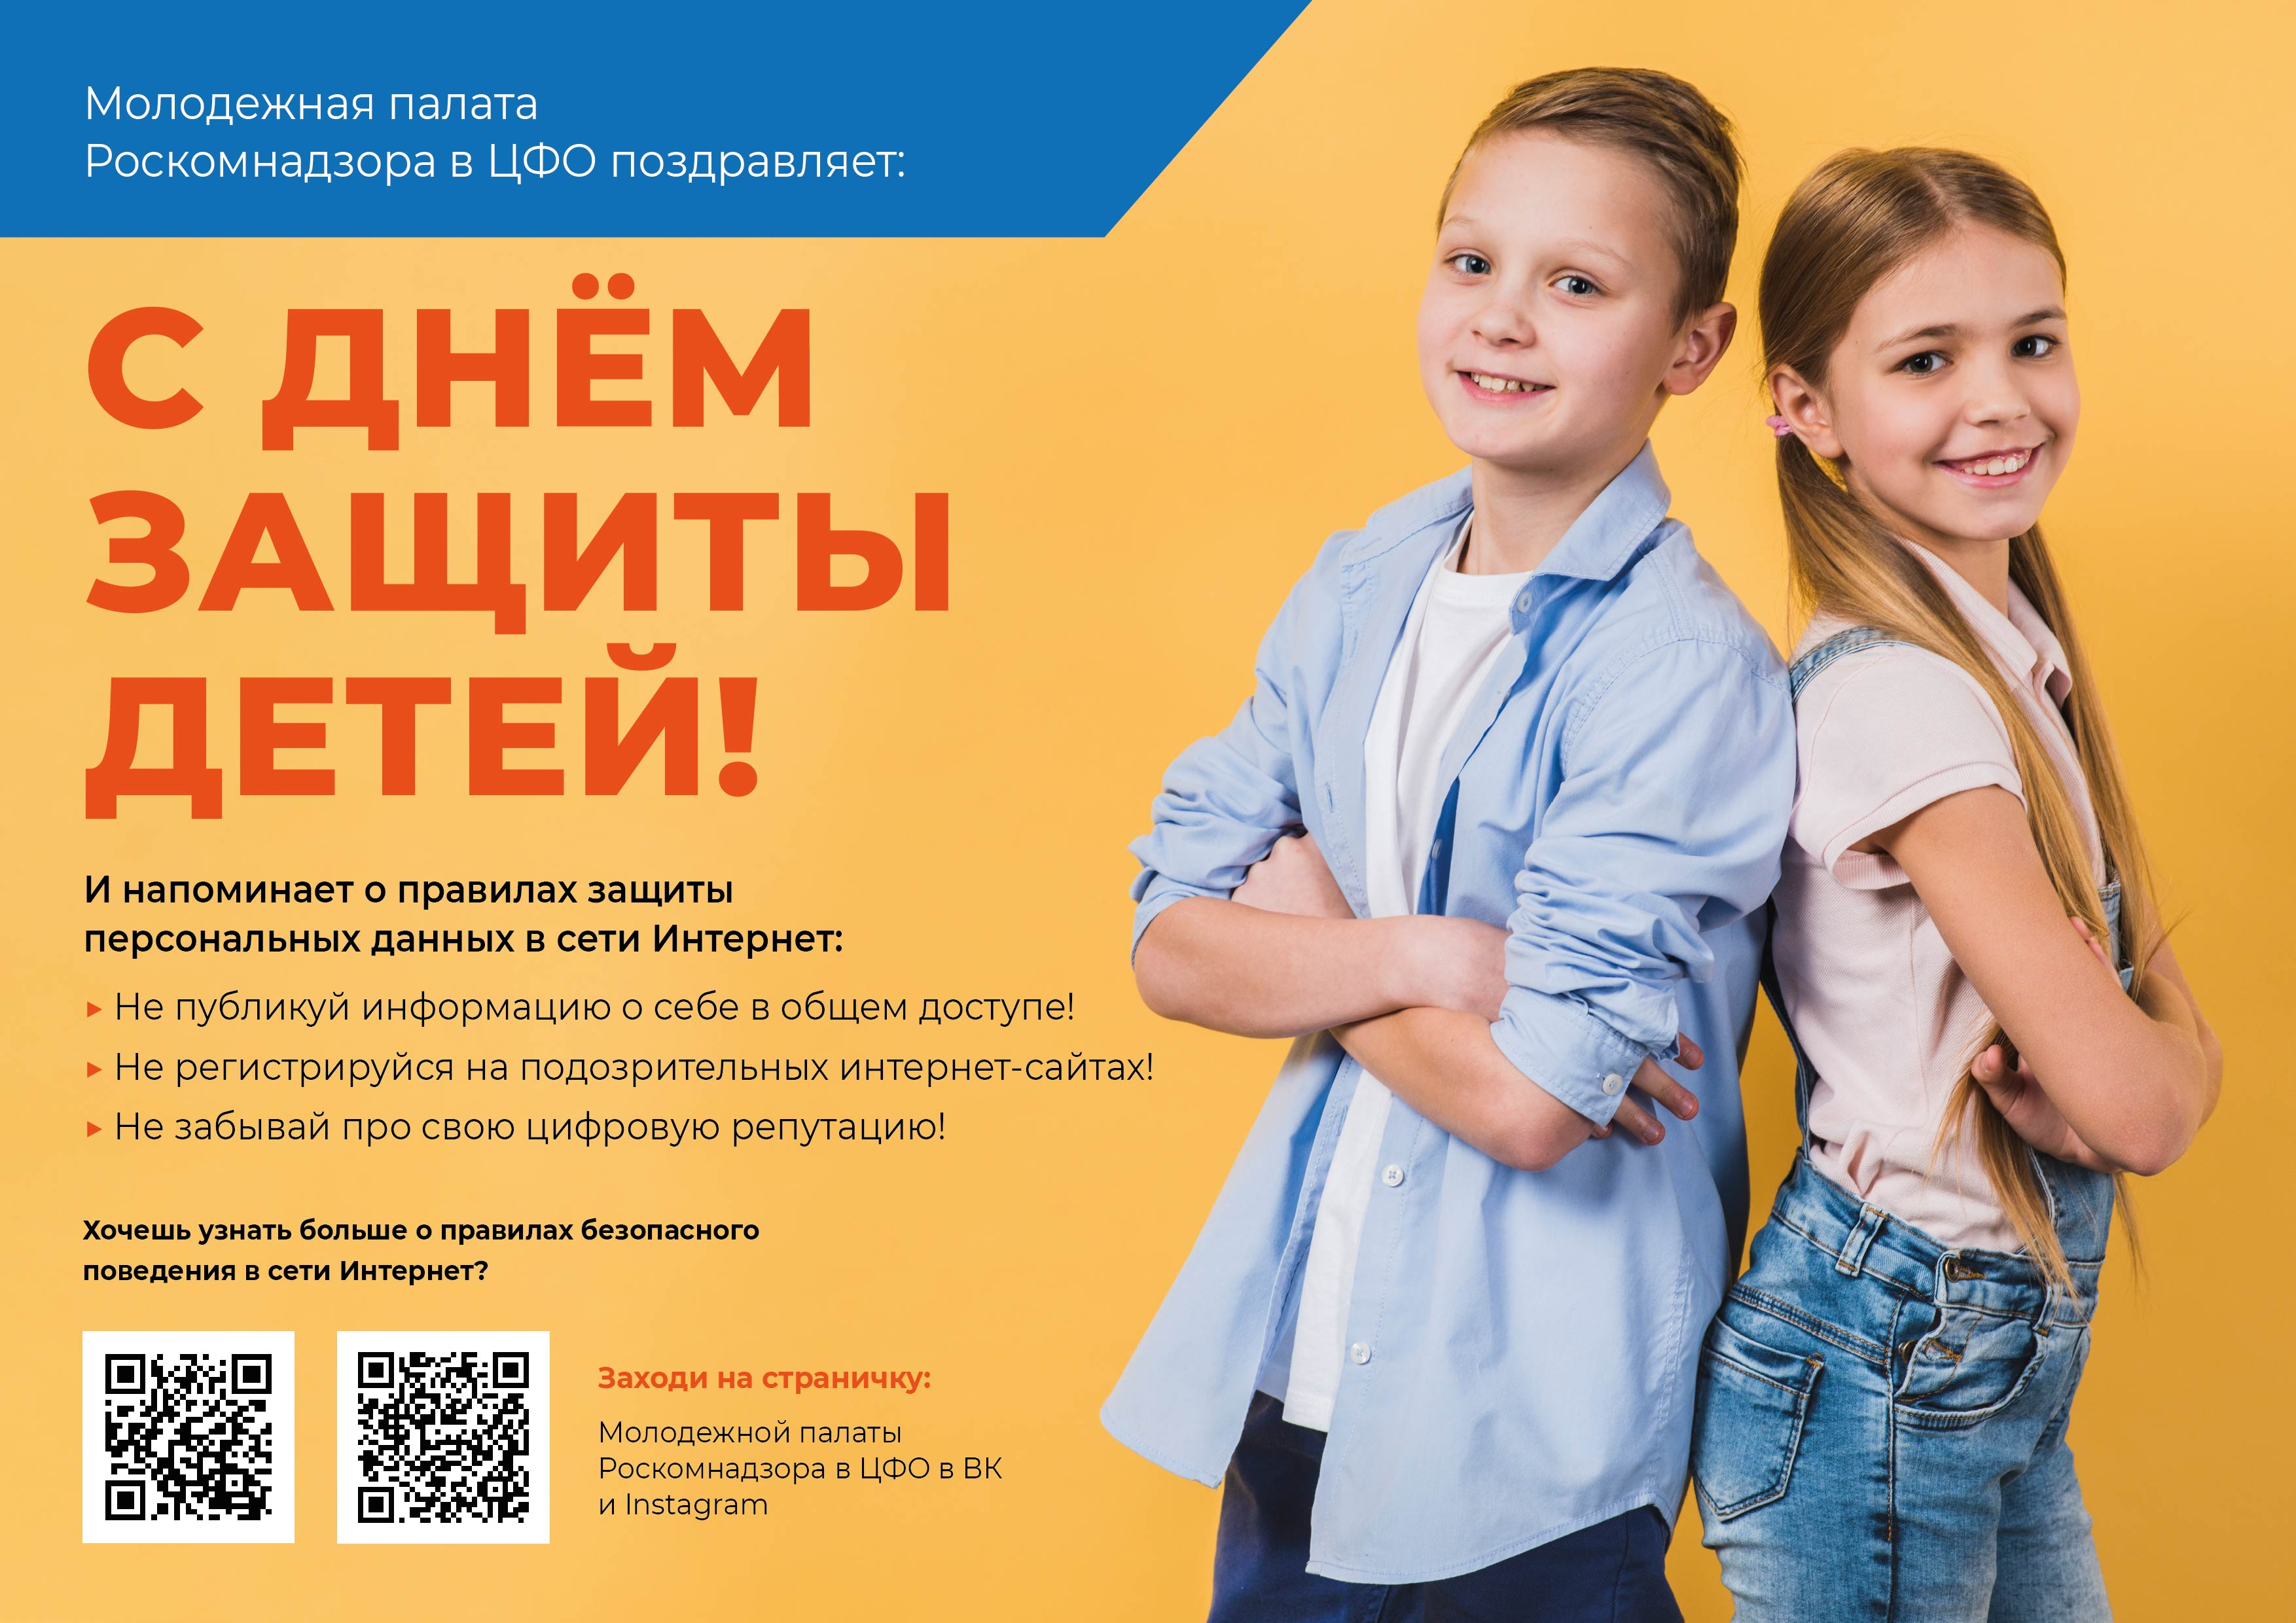 Поздравление ко Дню защиты детей